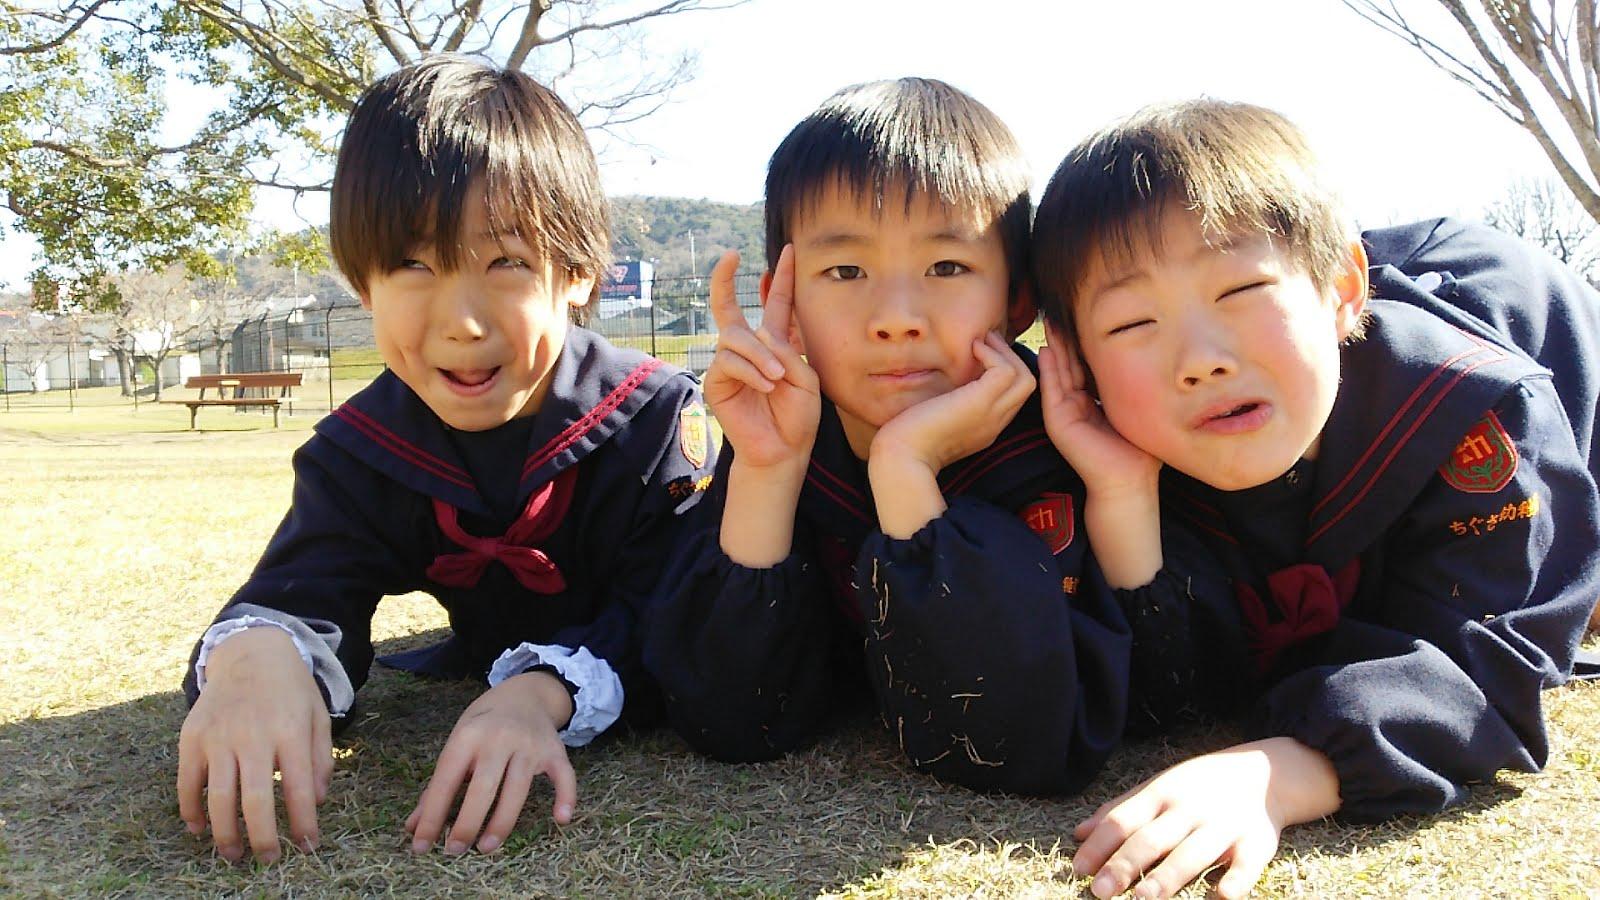 熊本県のちぐさ幼稚園ぶろぐ: かわいいかわいい男の子